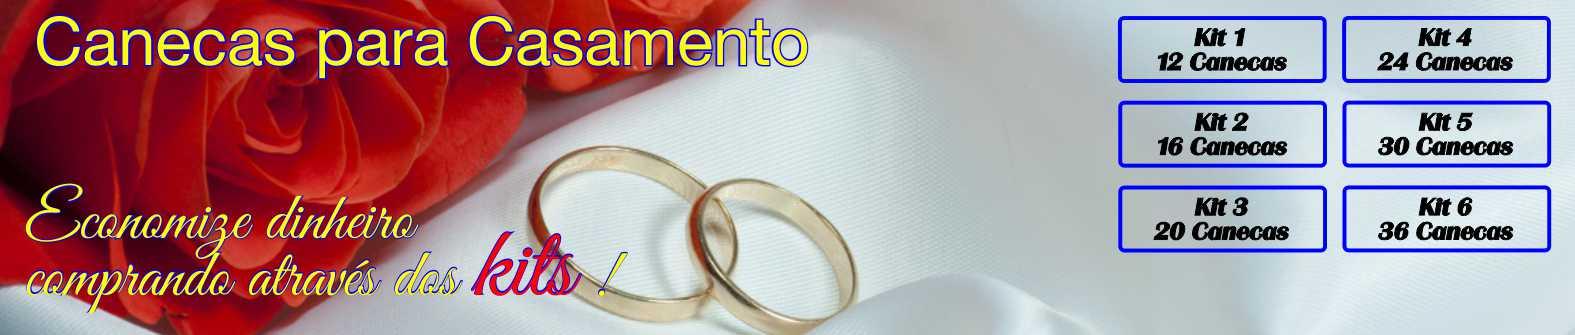 Kits Casamento